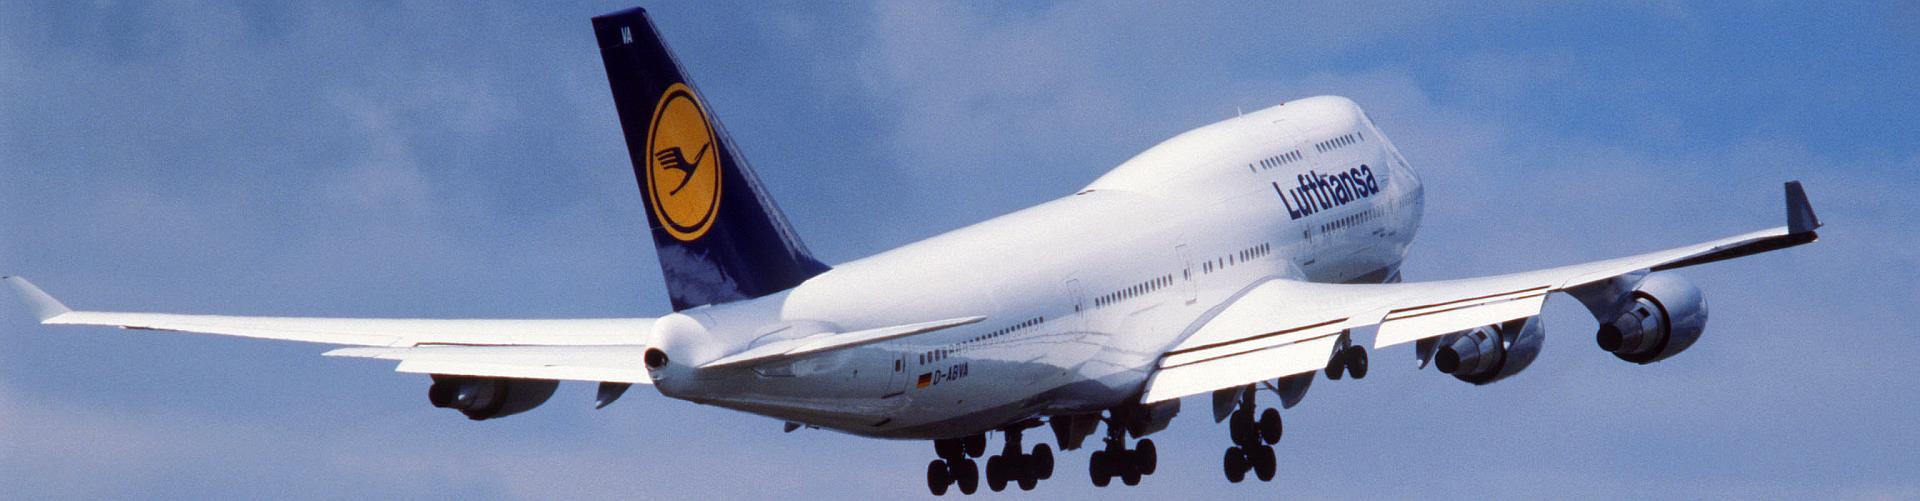 Mit Lufthansa Flug in den Urlaub